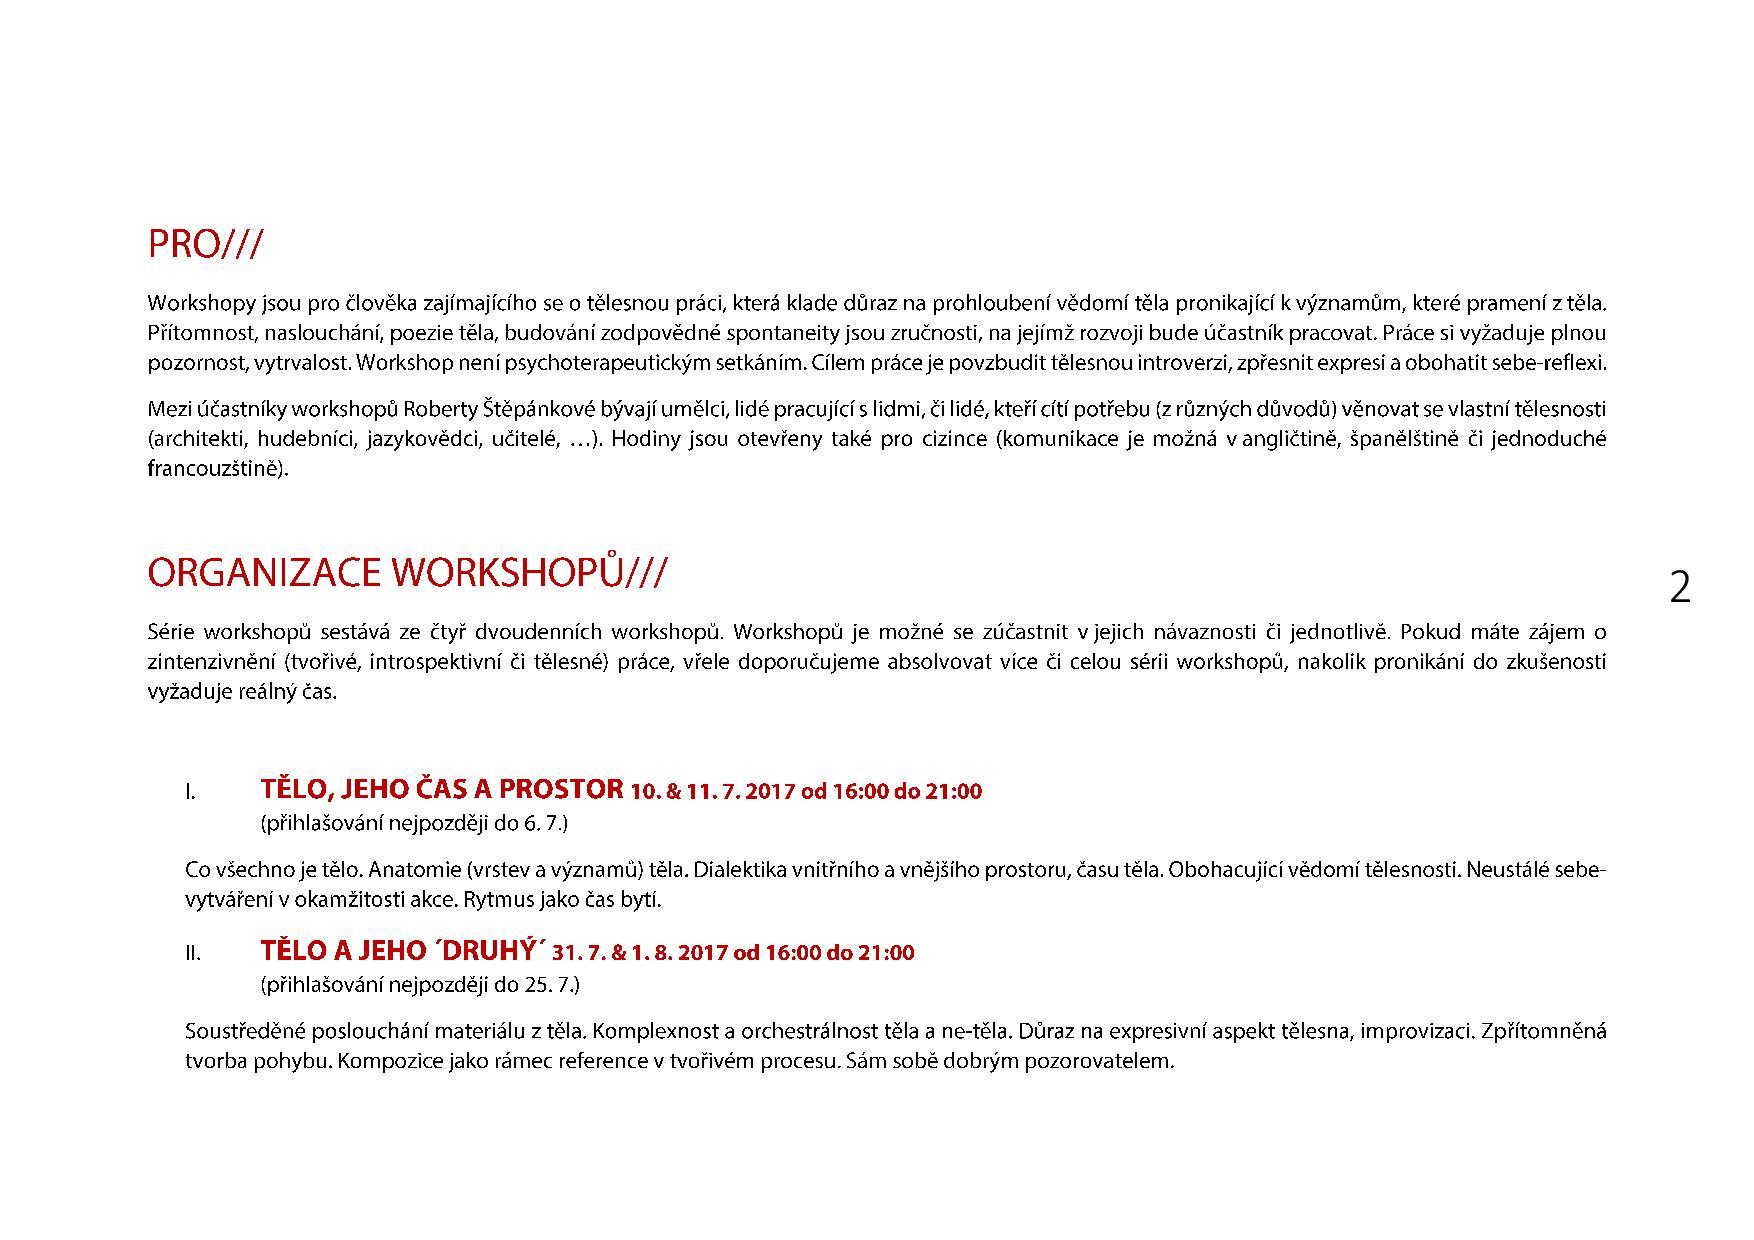 PONUKA WORKSHOPU Final-page-002